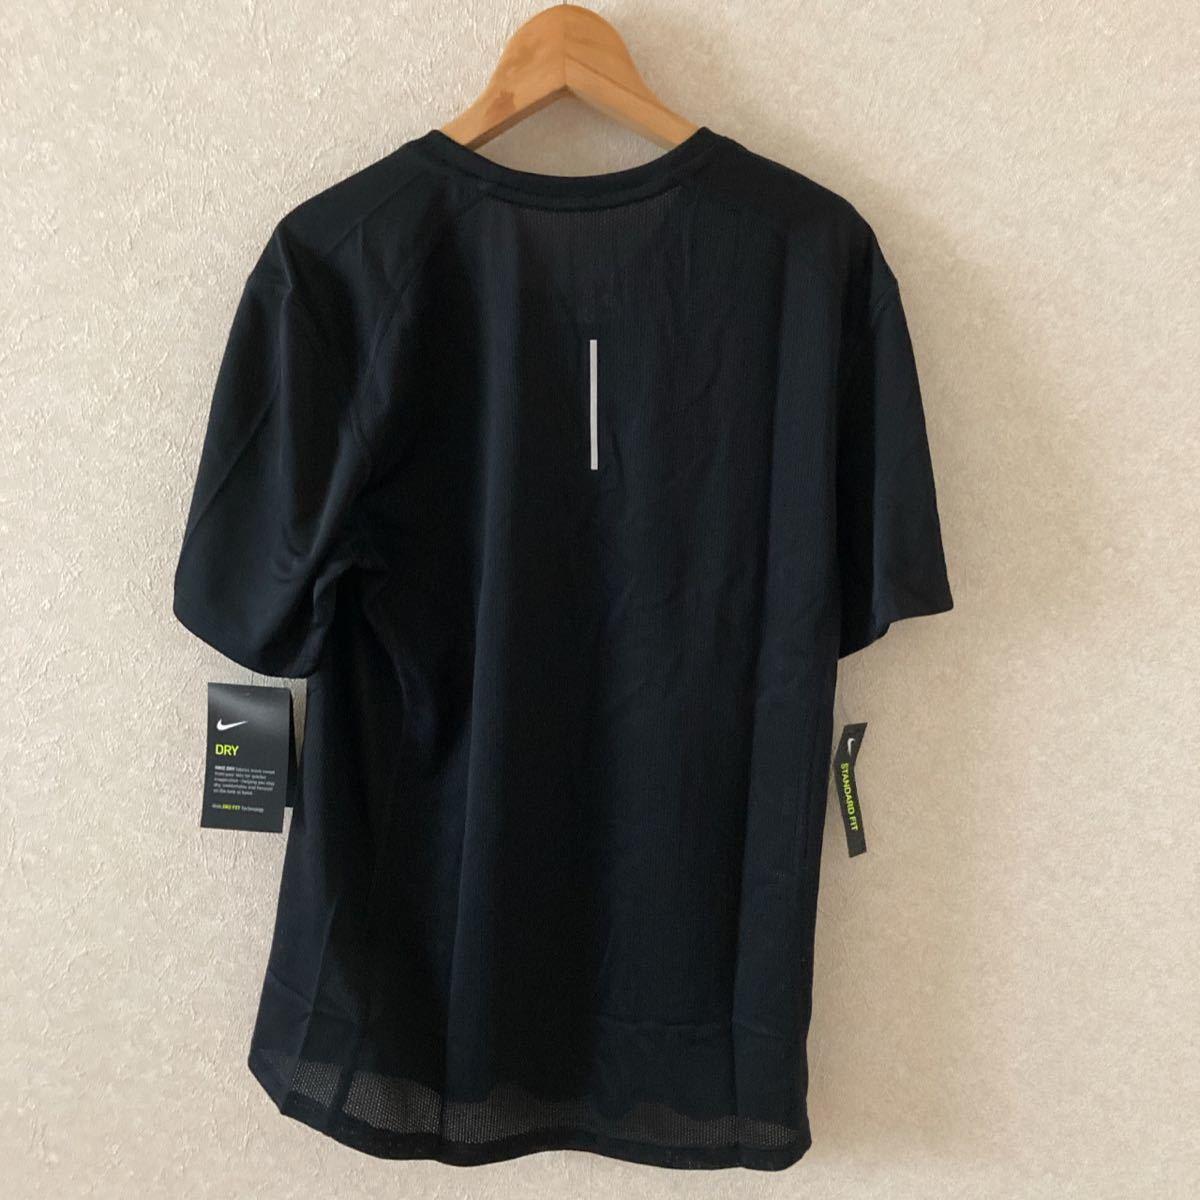 NIKE ナイキ ランニングTシャツ ブラック メンズS